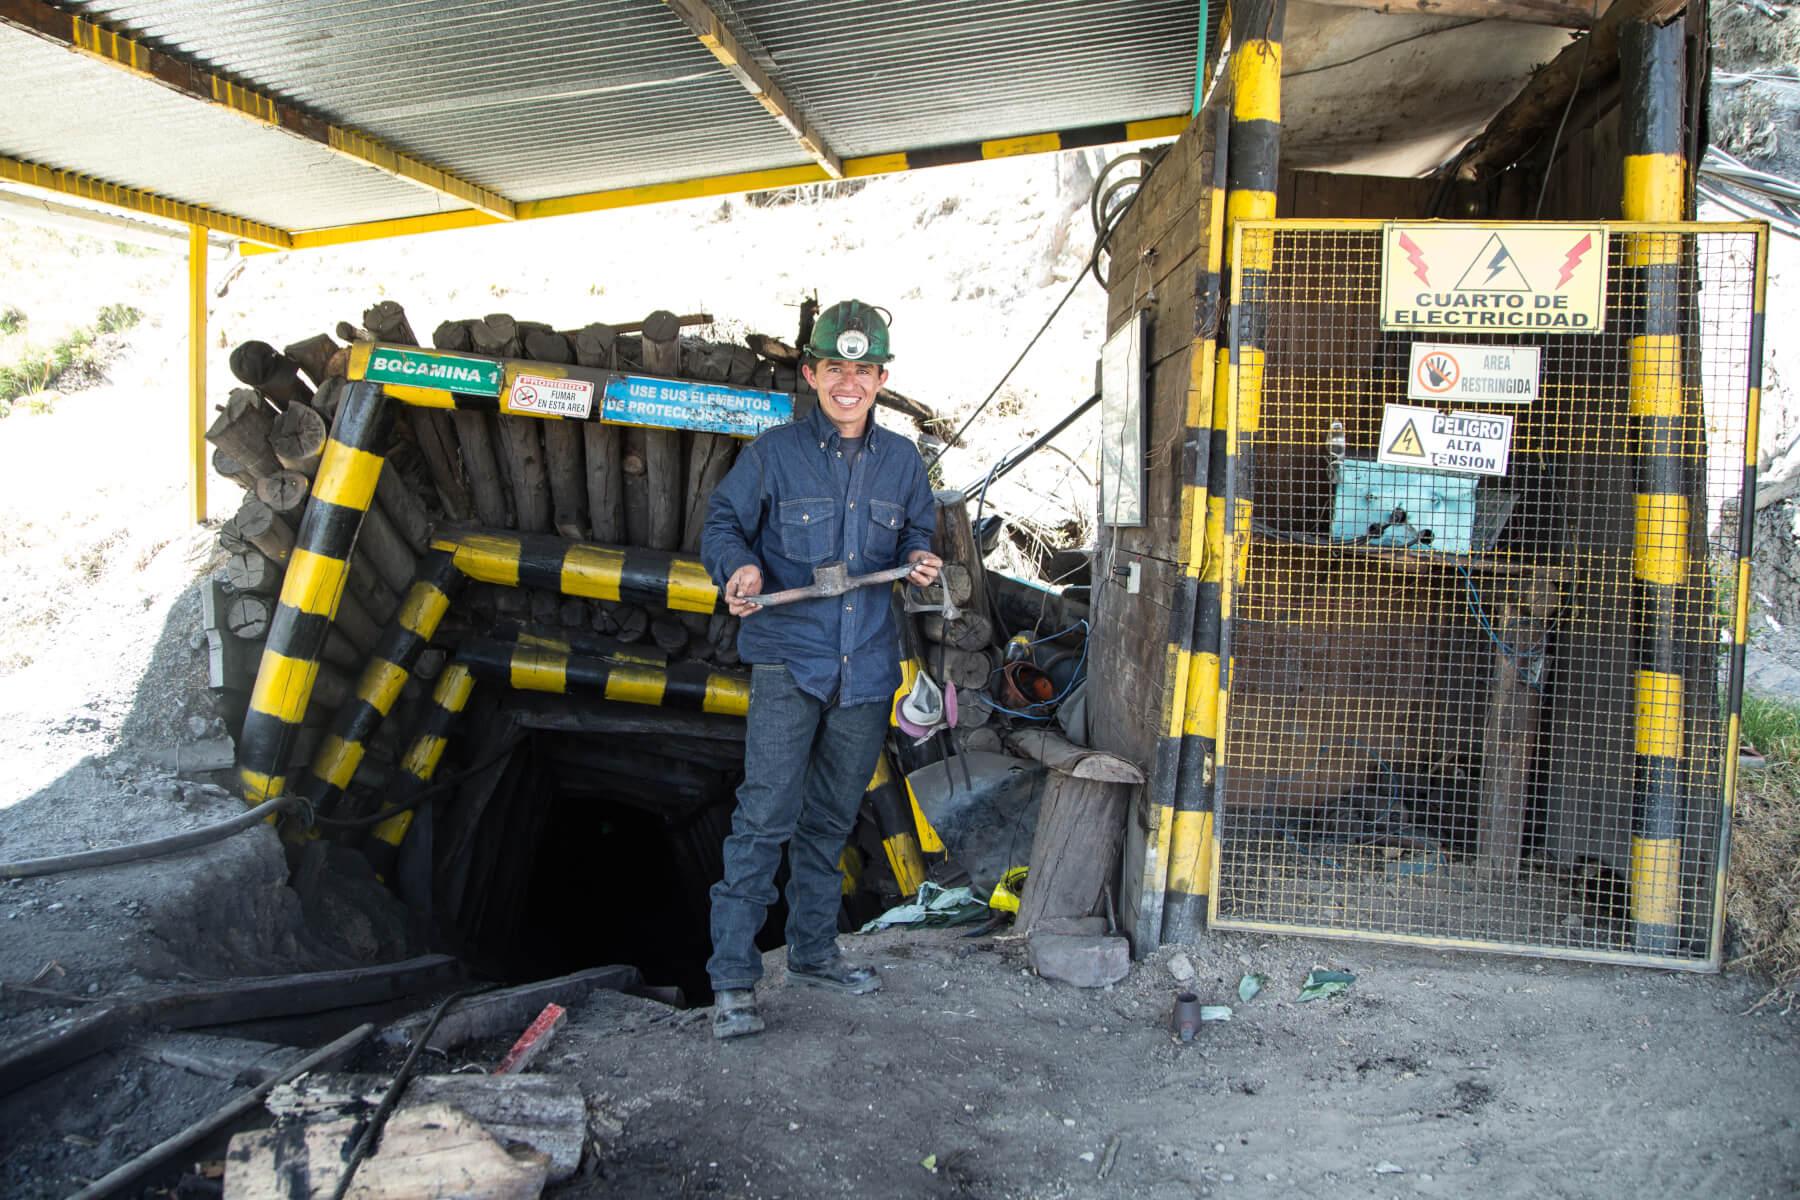 Daniel Humberto Rodríguez, minero en Tópaga, Boyacá, Colombia.  (c) ARM